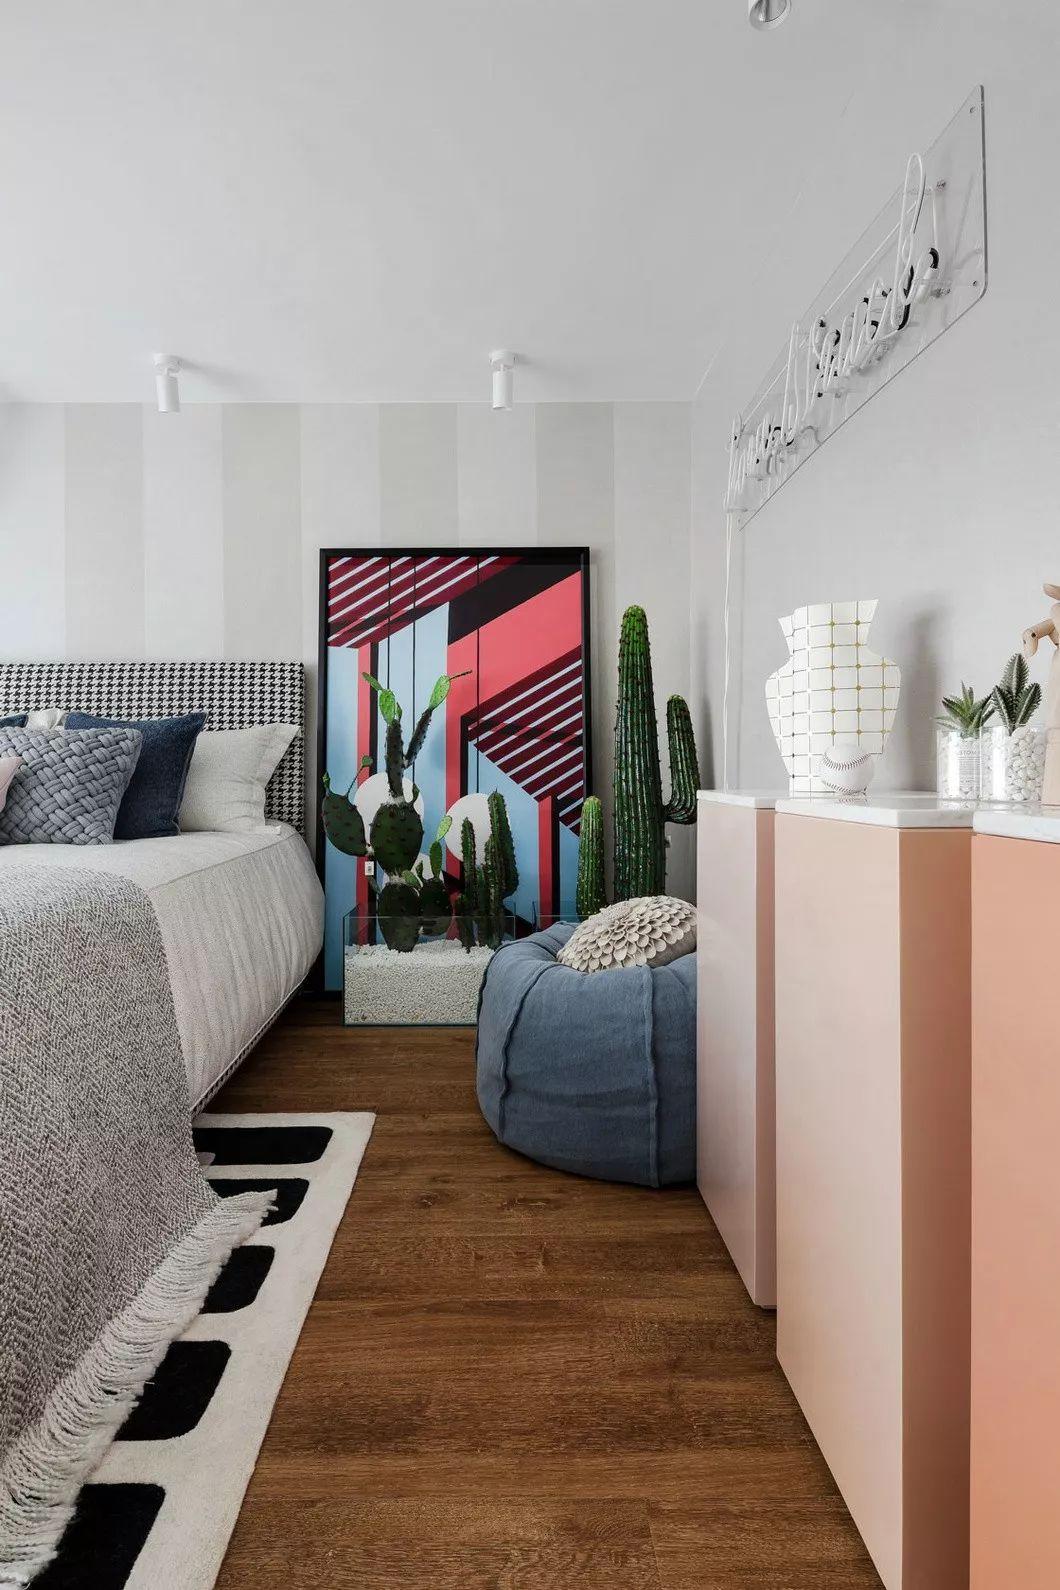 主卧内,柚木色和粉色给人一种独特的温柔,发光字体装置与略显夸张的仙人掌绿植,自带一份电影画面质感。